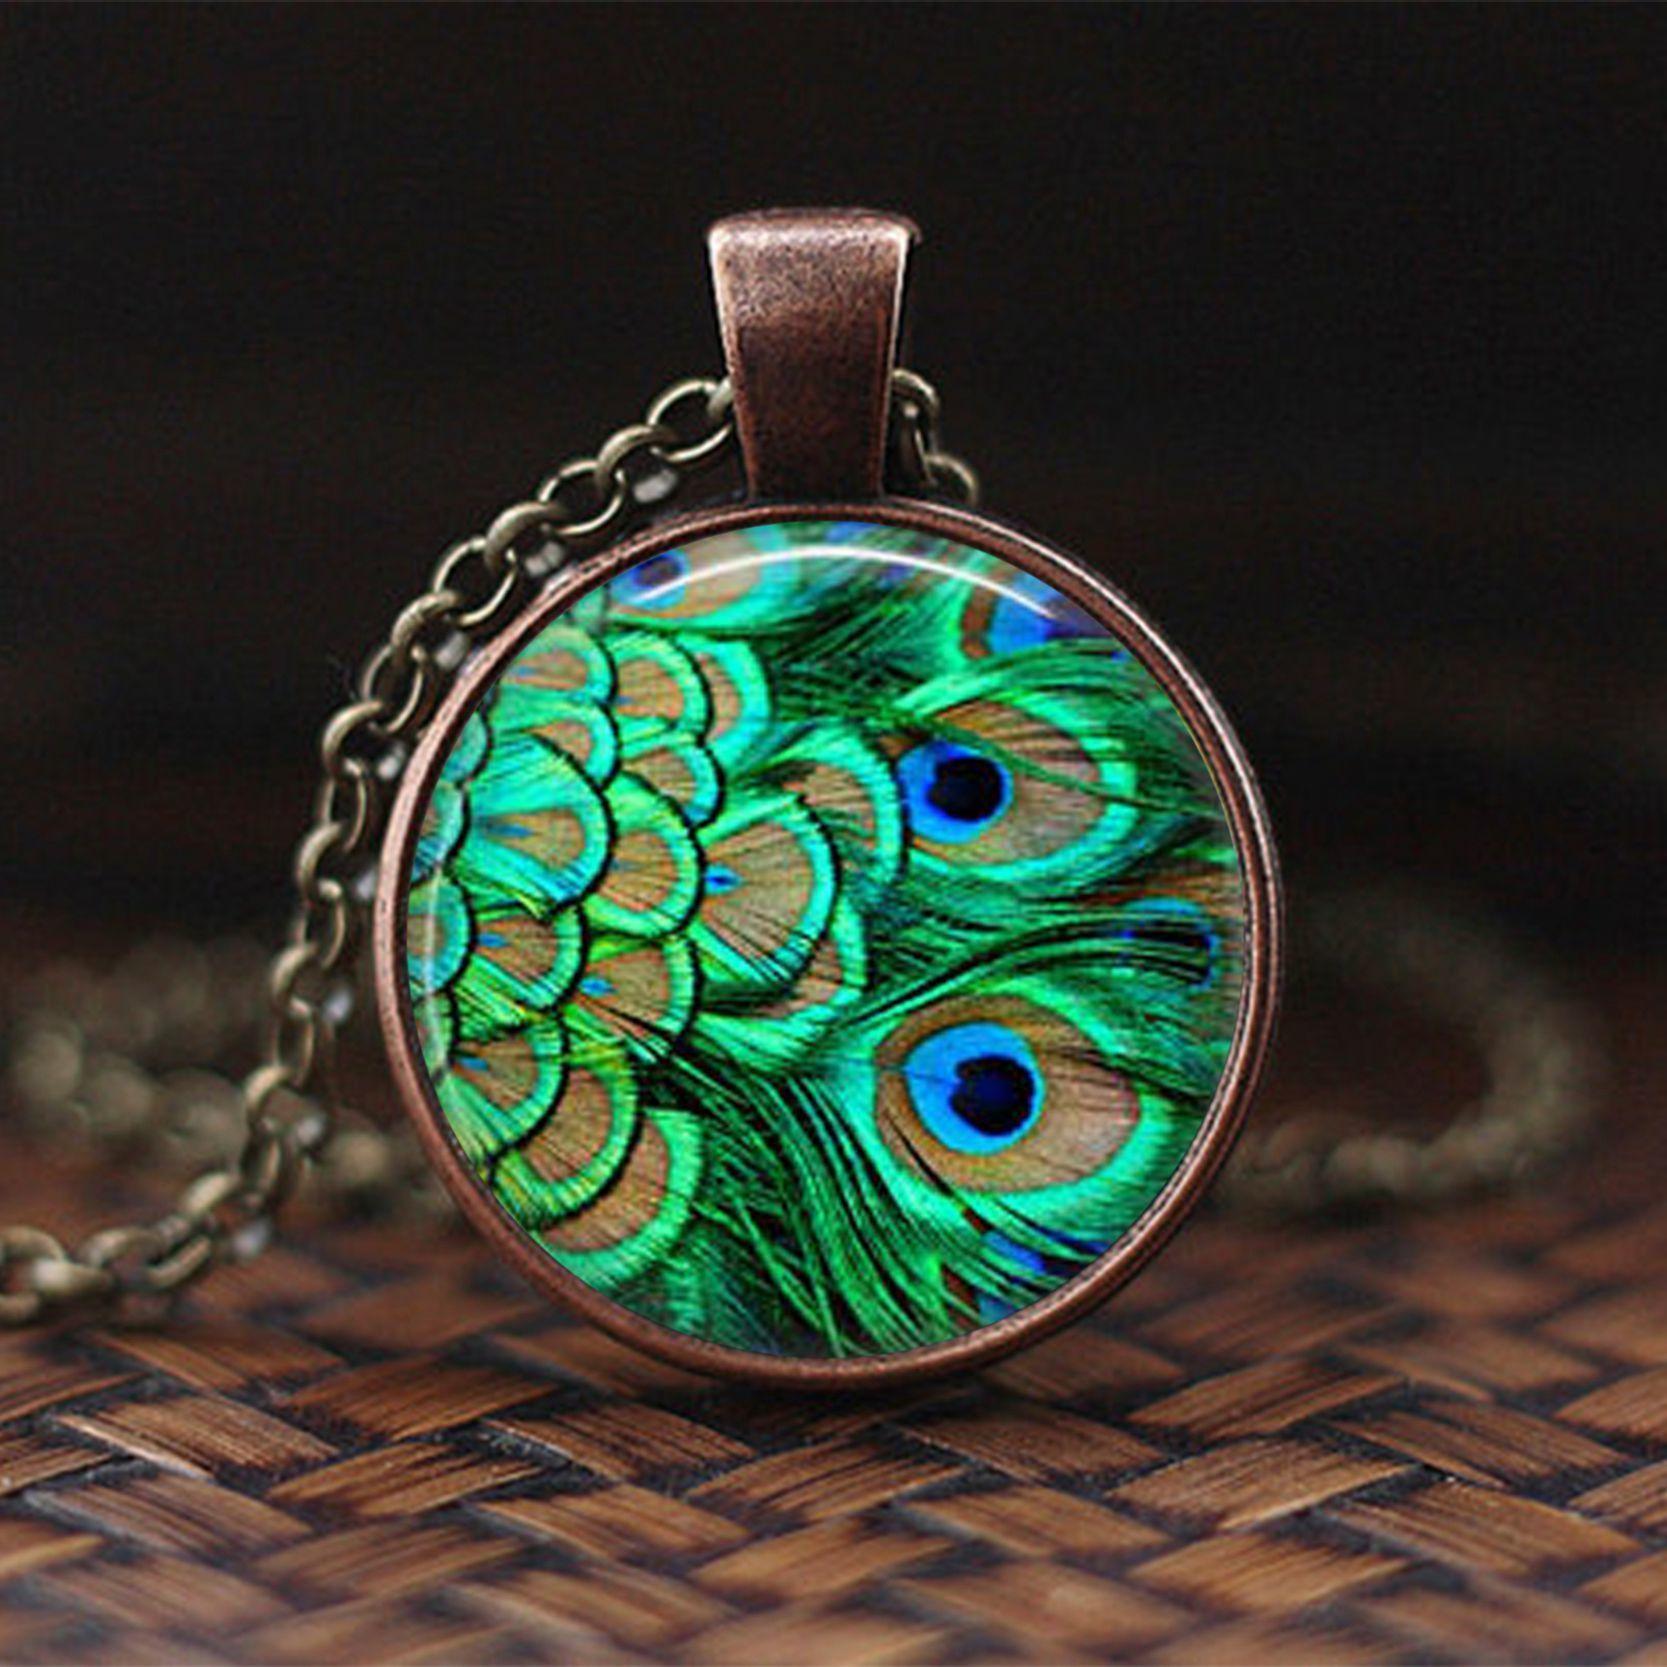 Neue Mode Schöne Pfauenfedern Aussage Halskette Glas Cabochon Pendent Für Männer Frauen Schmuck Kreative Geschenk